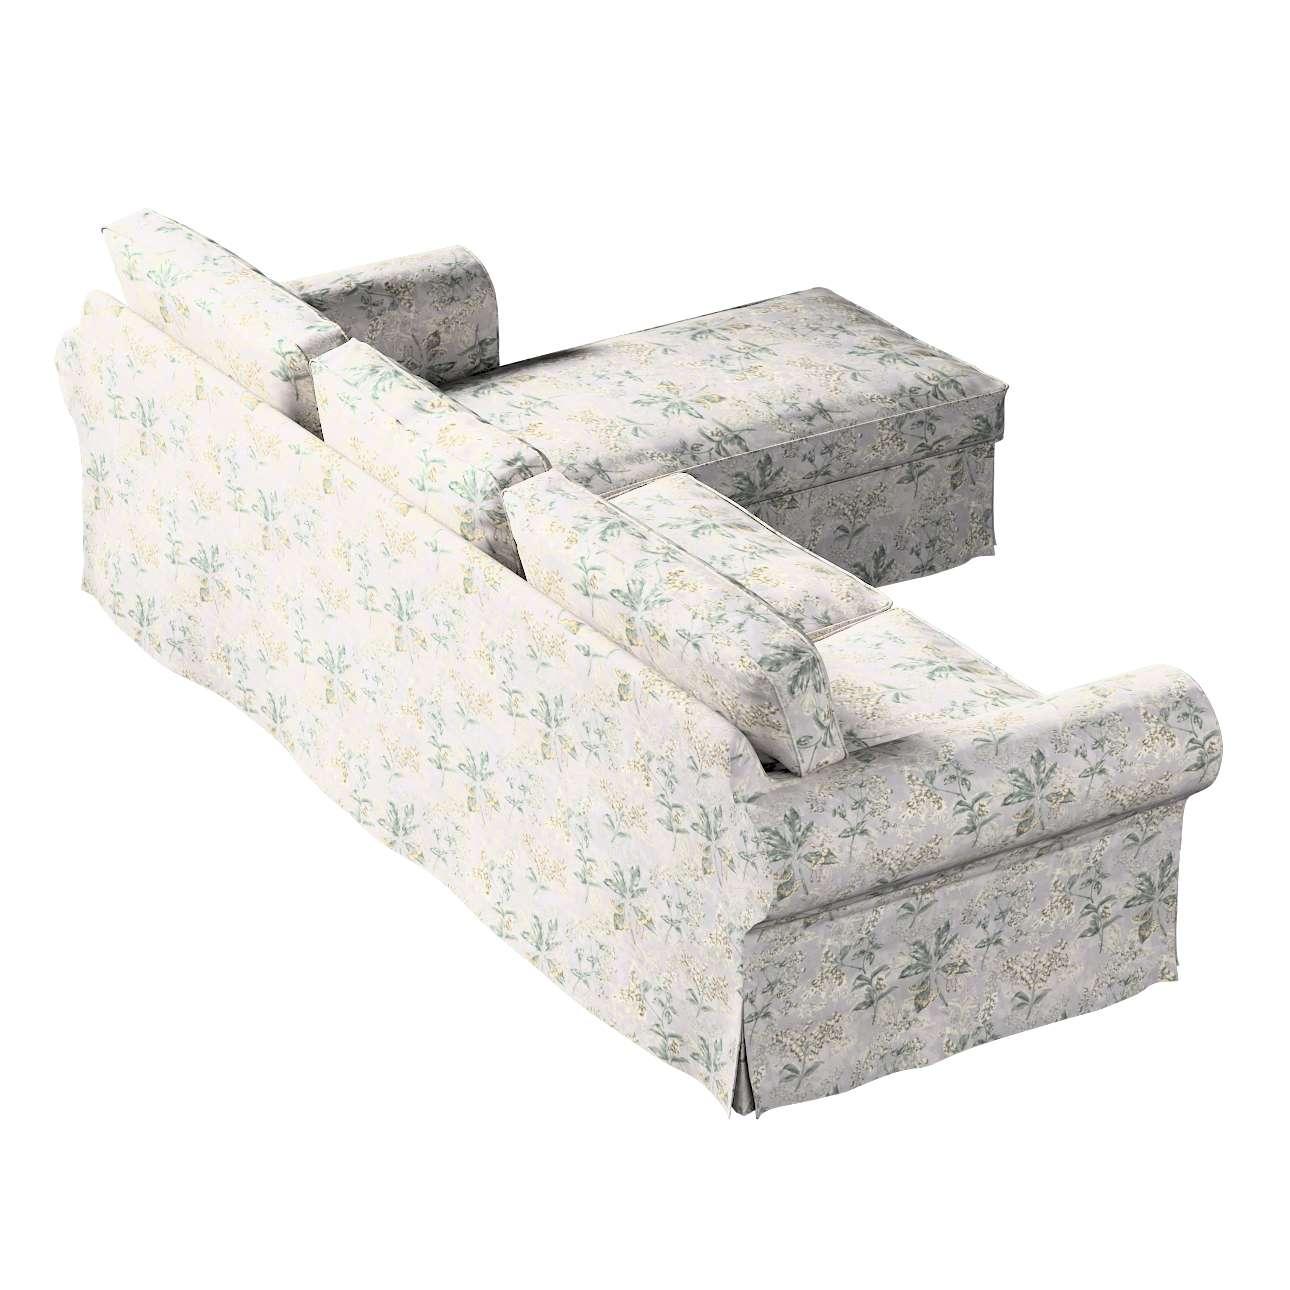 Pokrowiec na sofę Ektorp 2-osobową i leżankę w kolekcji Londres, tkanina: 143-37